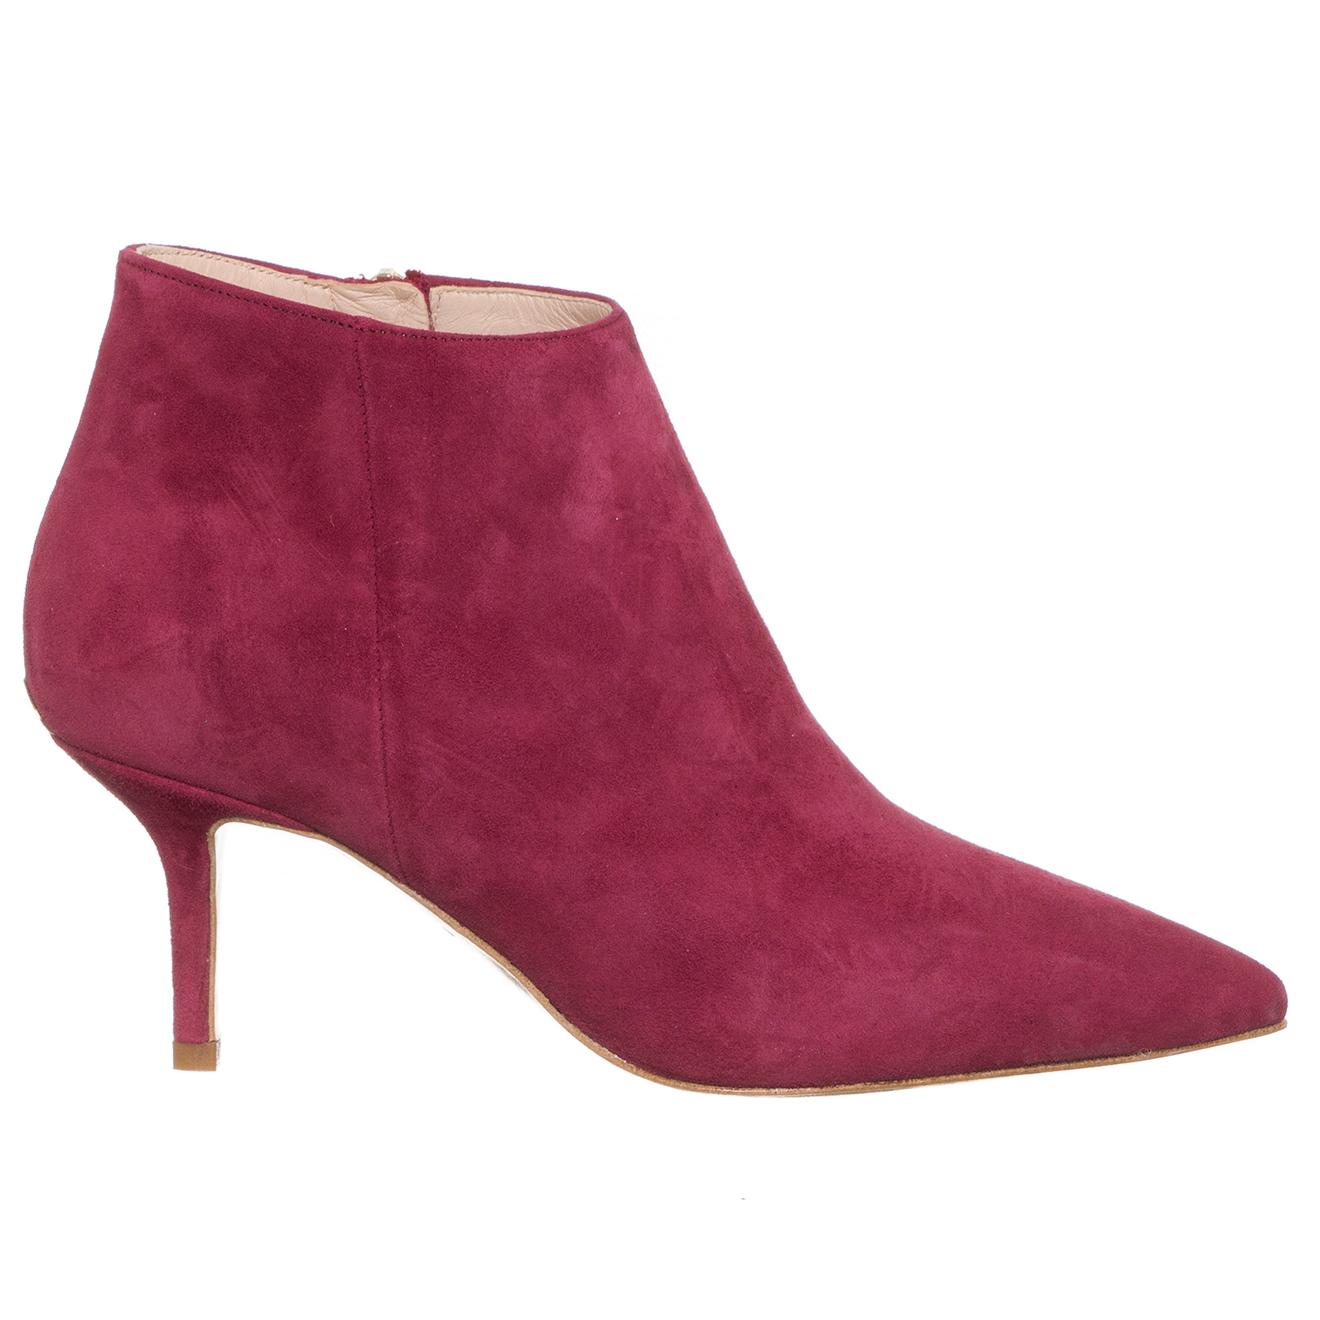 Boots en Velours de Cuir Audrey rouges - Talon 7 cm - Liu-Jo - Modalova